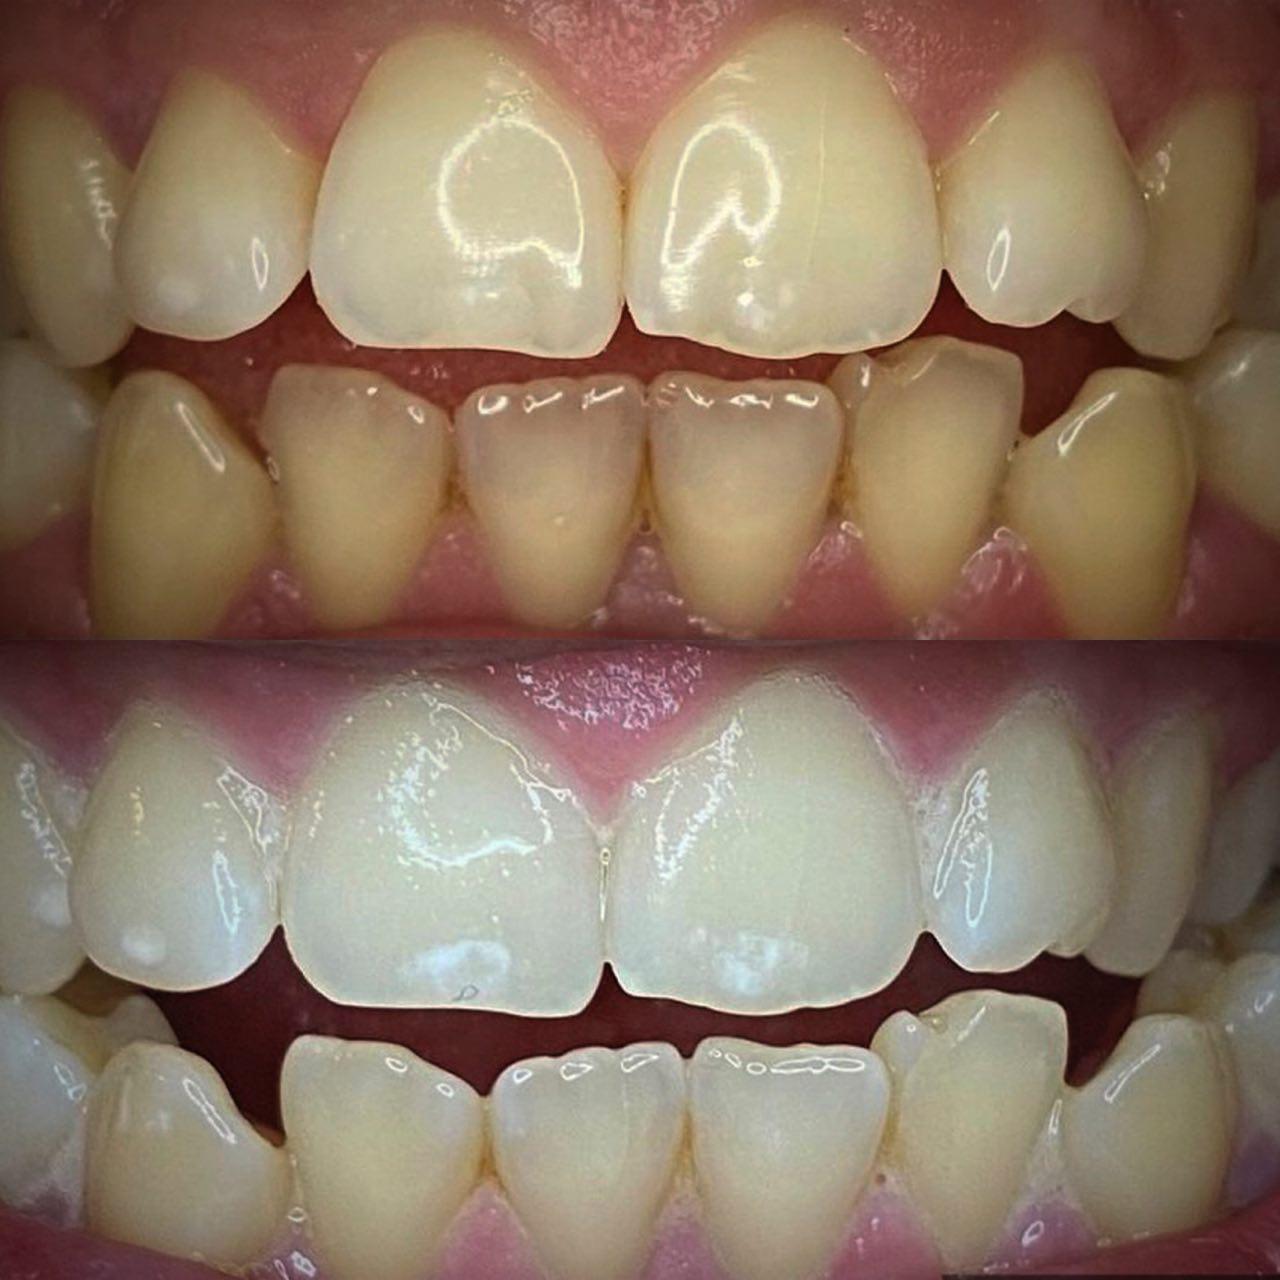 IMG 7ABFBE254A46 1 - Відбілювання зубів